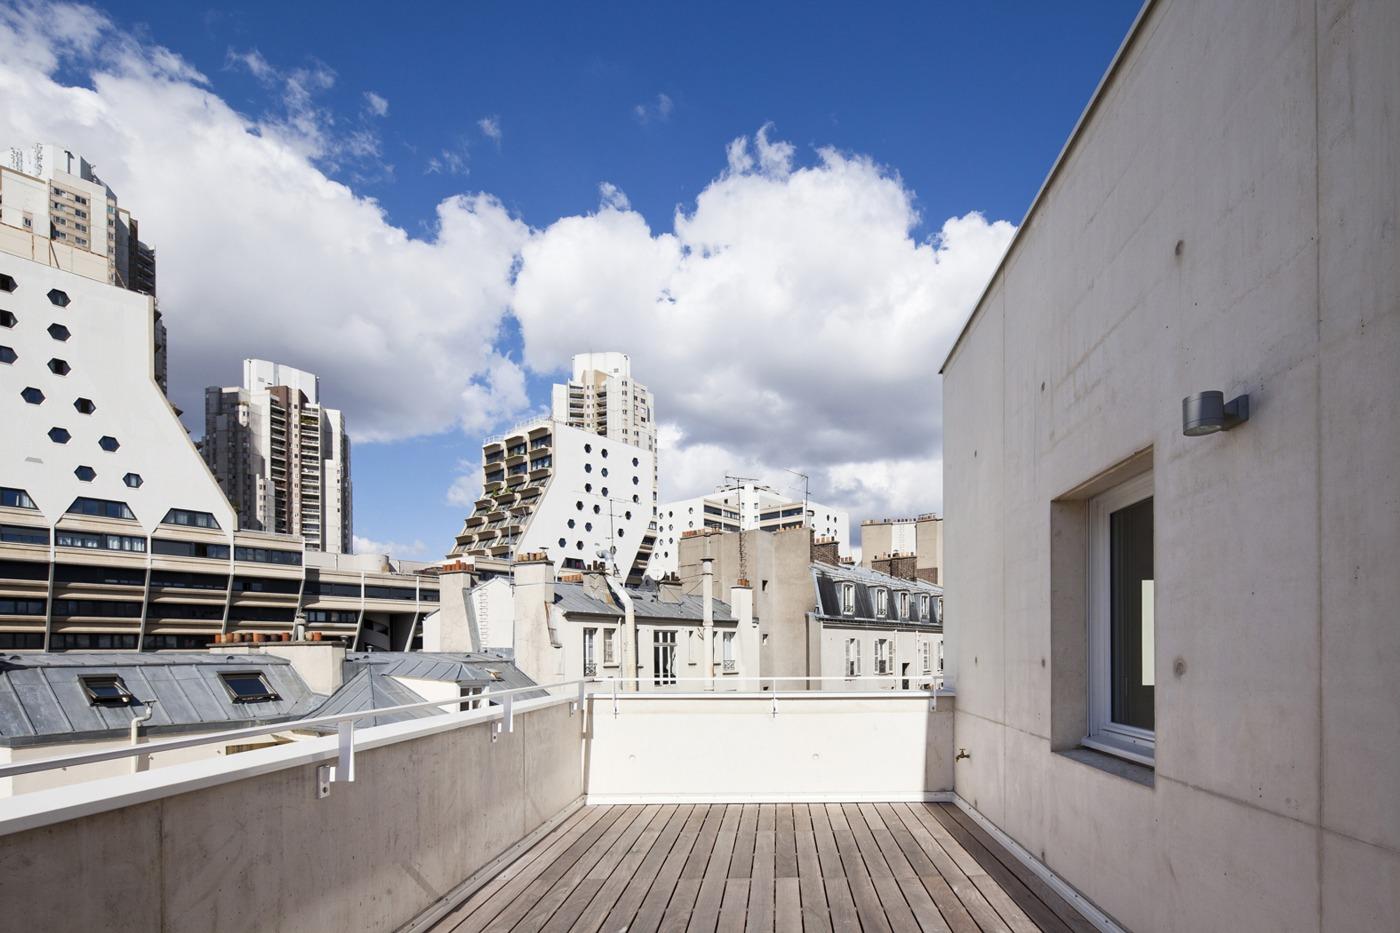 Rh architecture plein soleil for Projet architecture paris